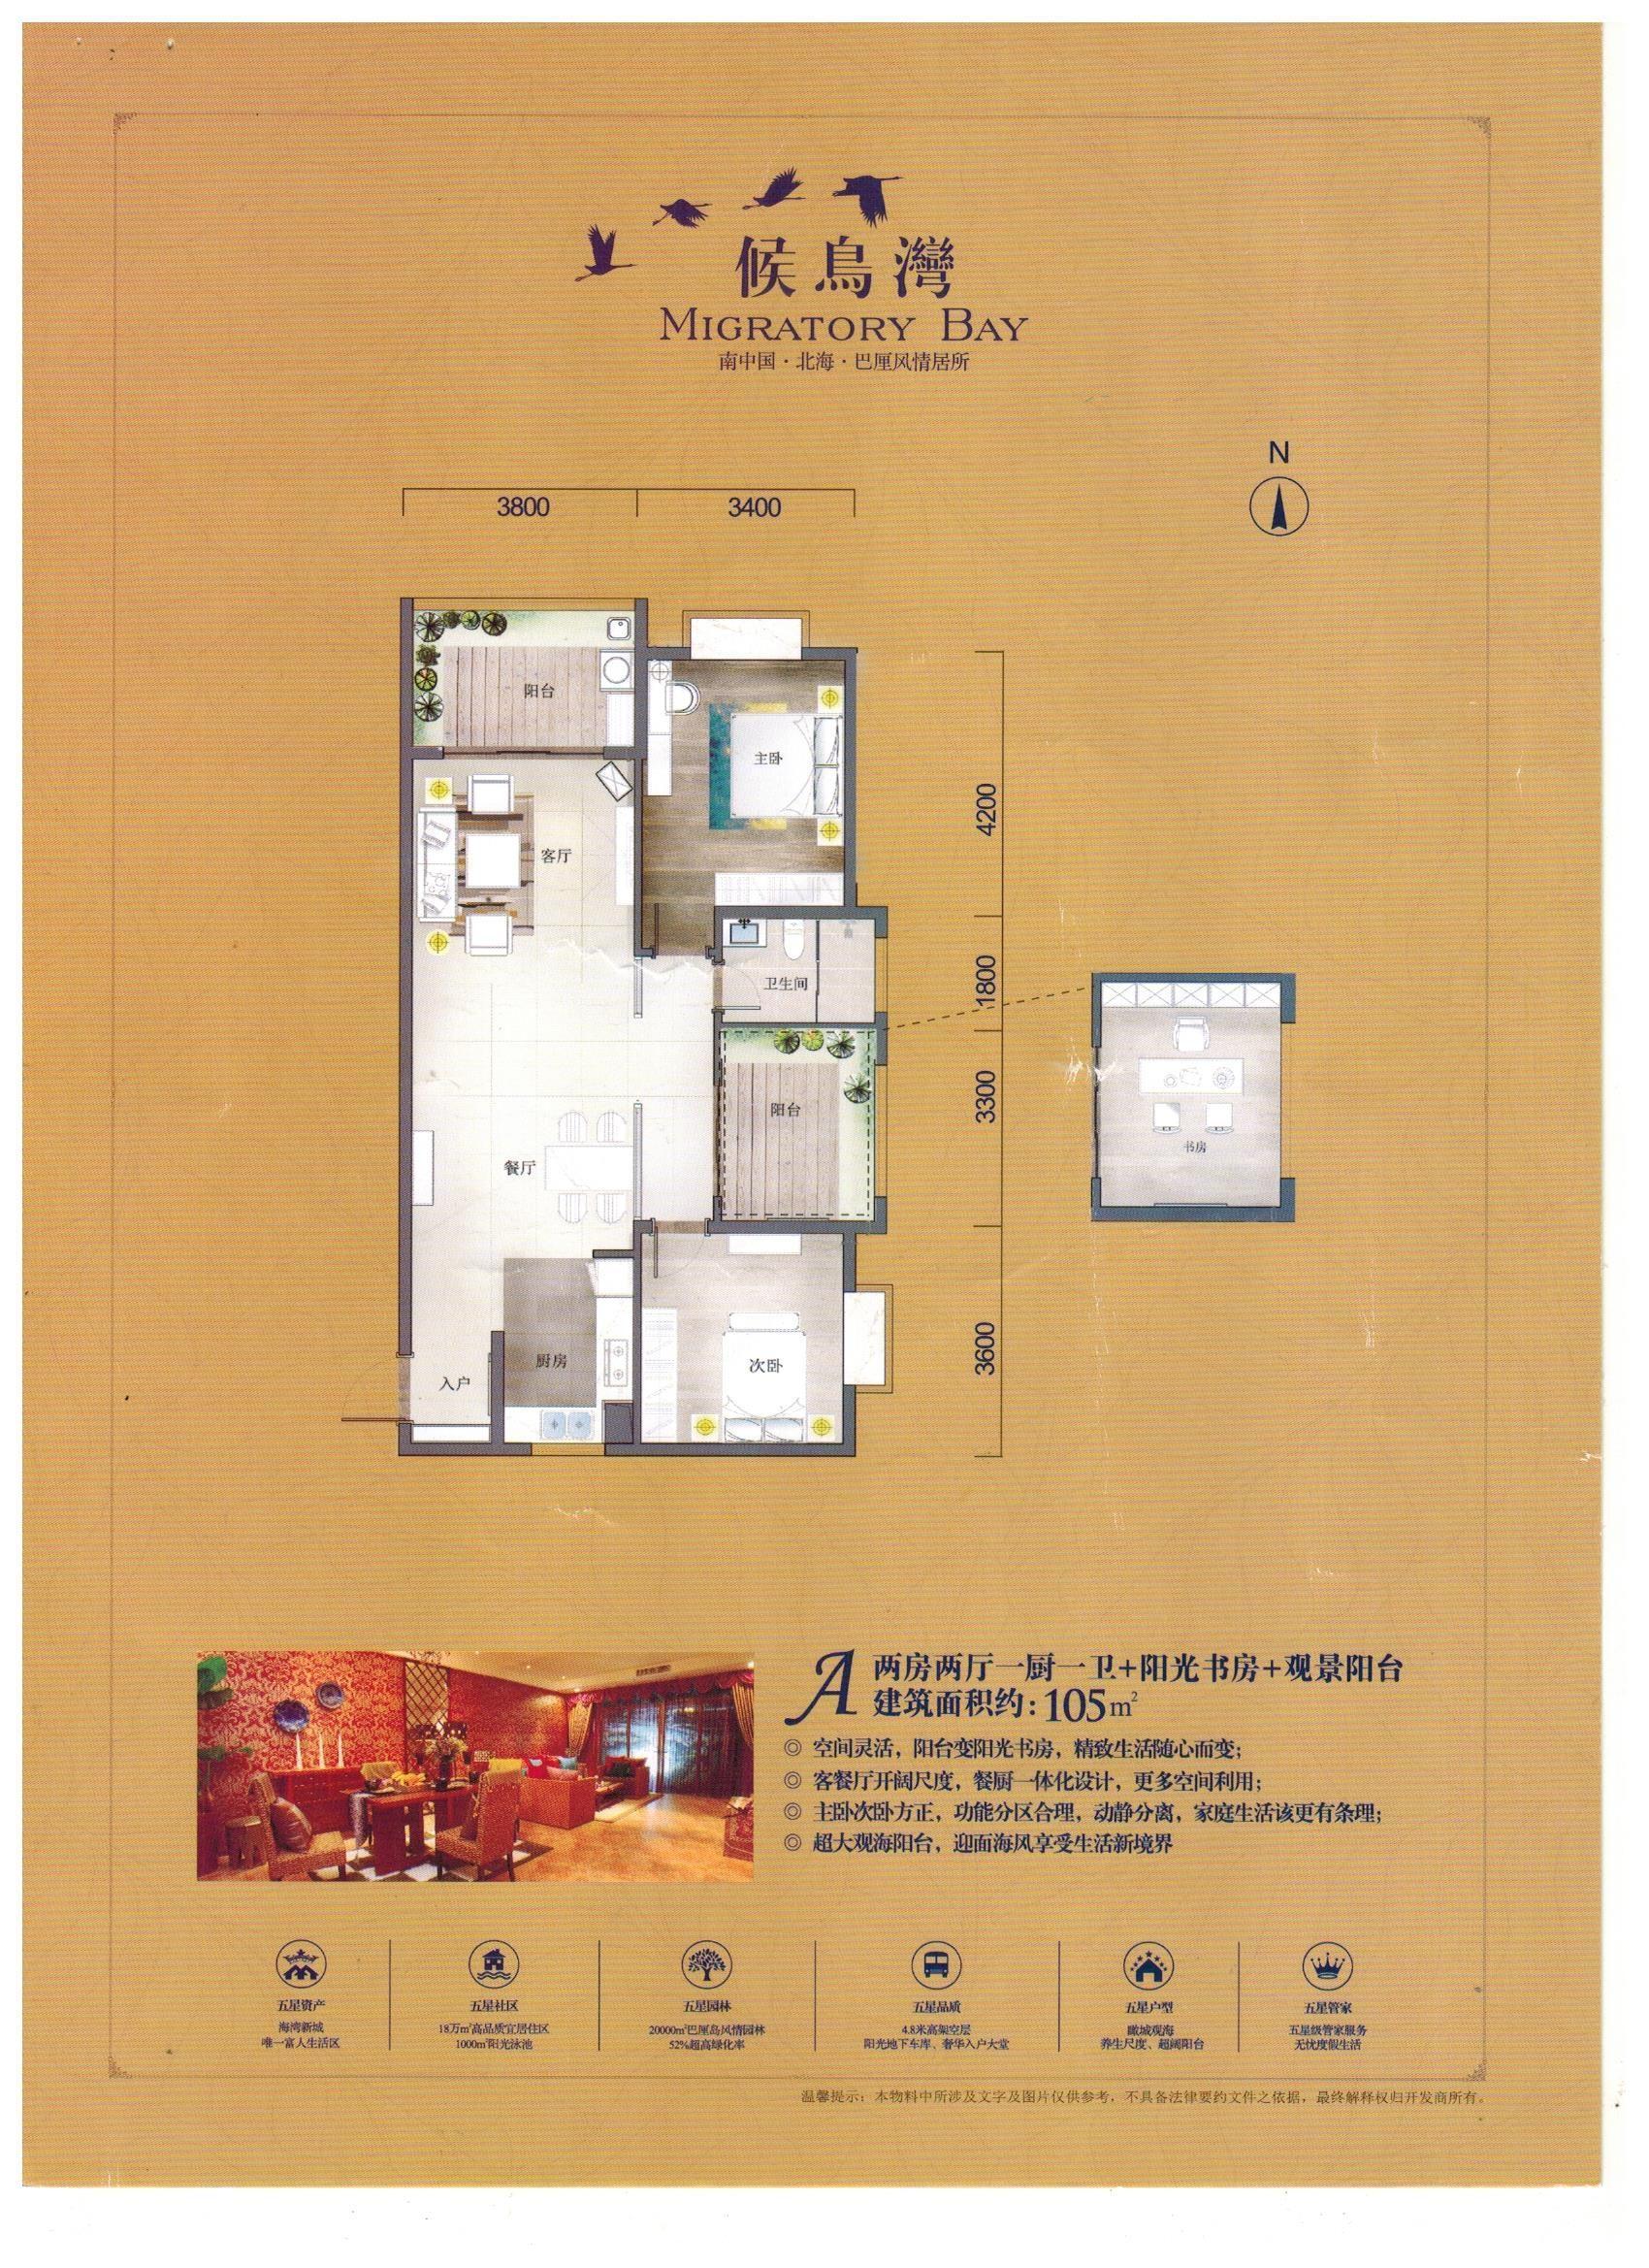 候鸟湾A户型阳光书房+景观阳台